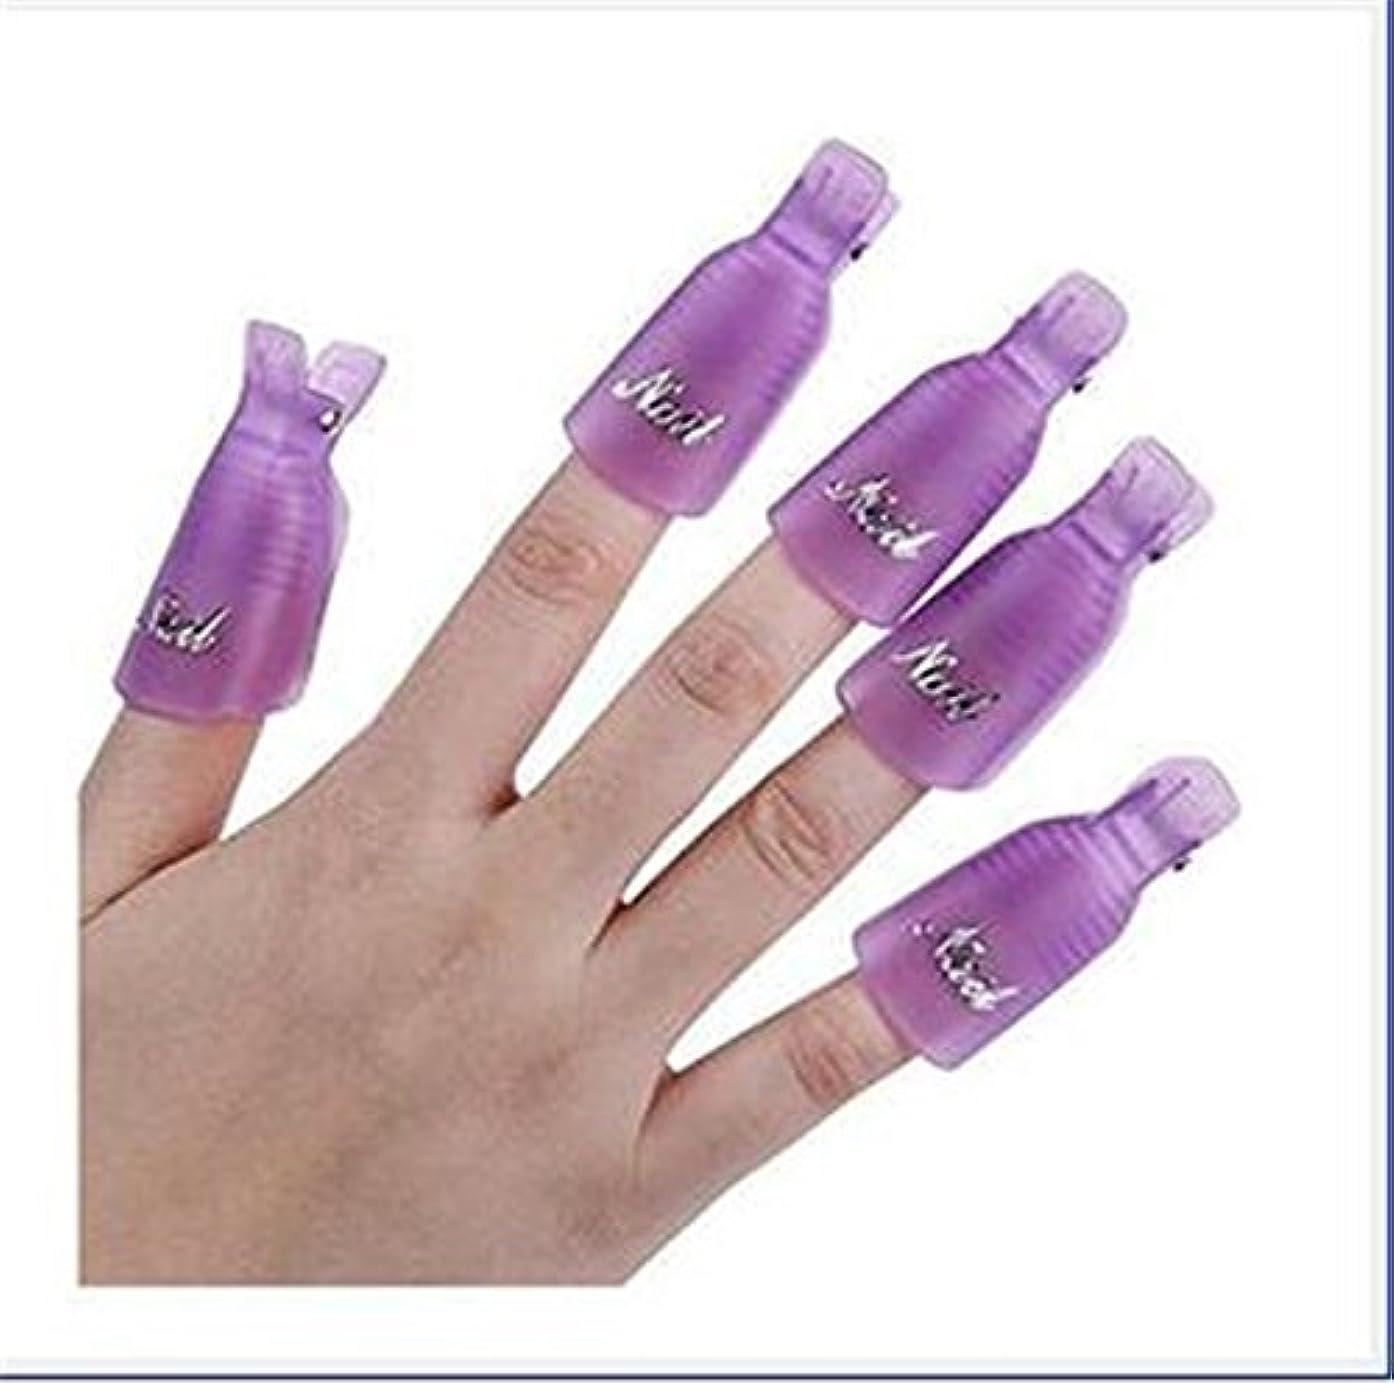 スリップトレイル哲学者アクリル樹脂爪10が冷却され、取り外し可能なクリップキャップUVポリッシュリムーバージェルは、紫色のパッケージを包ん